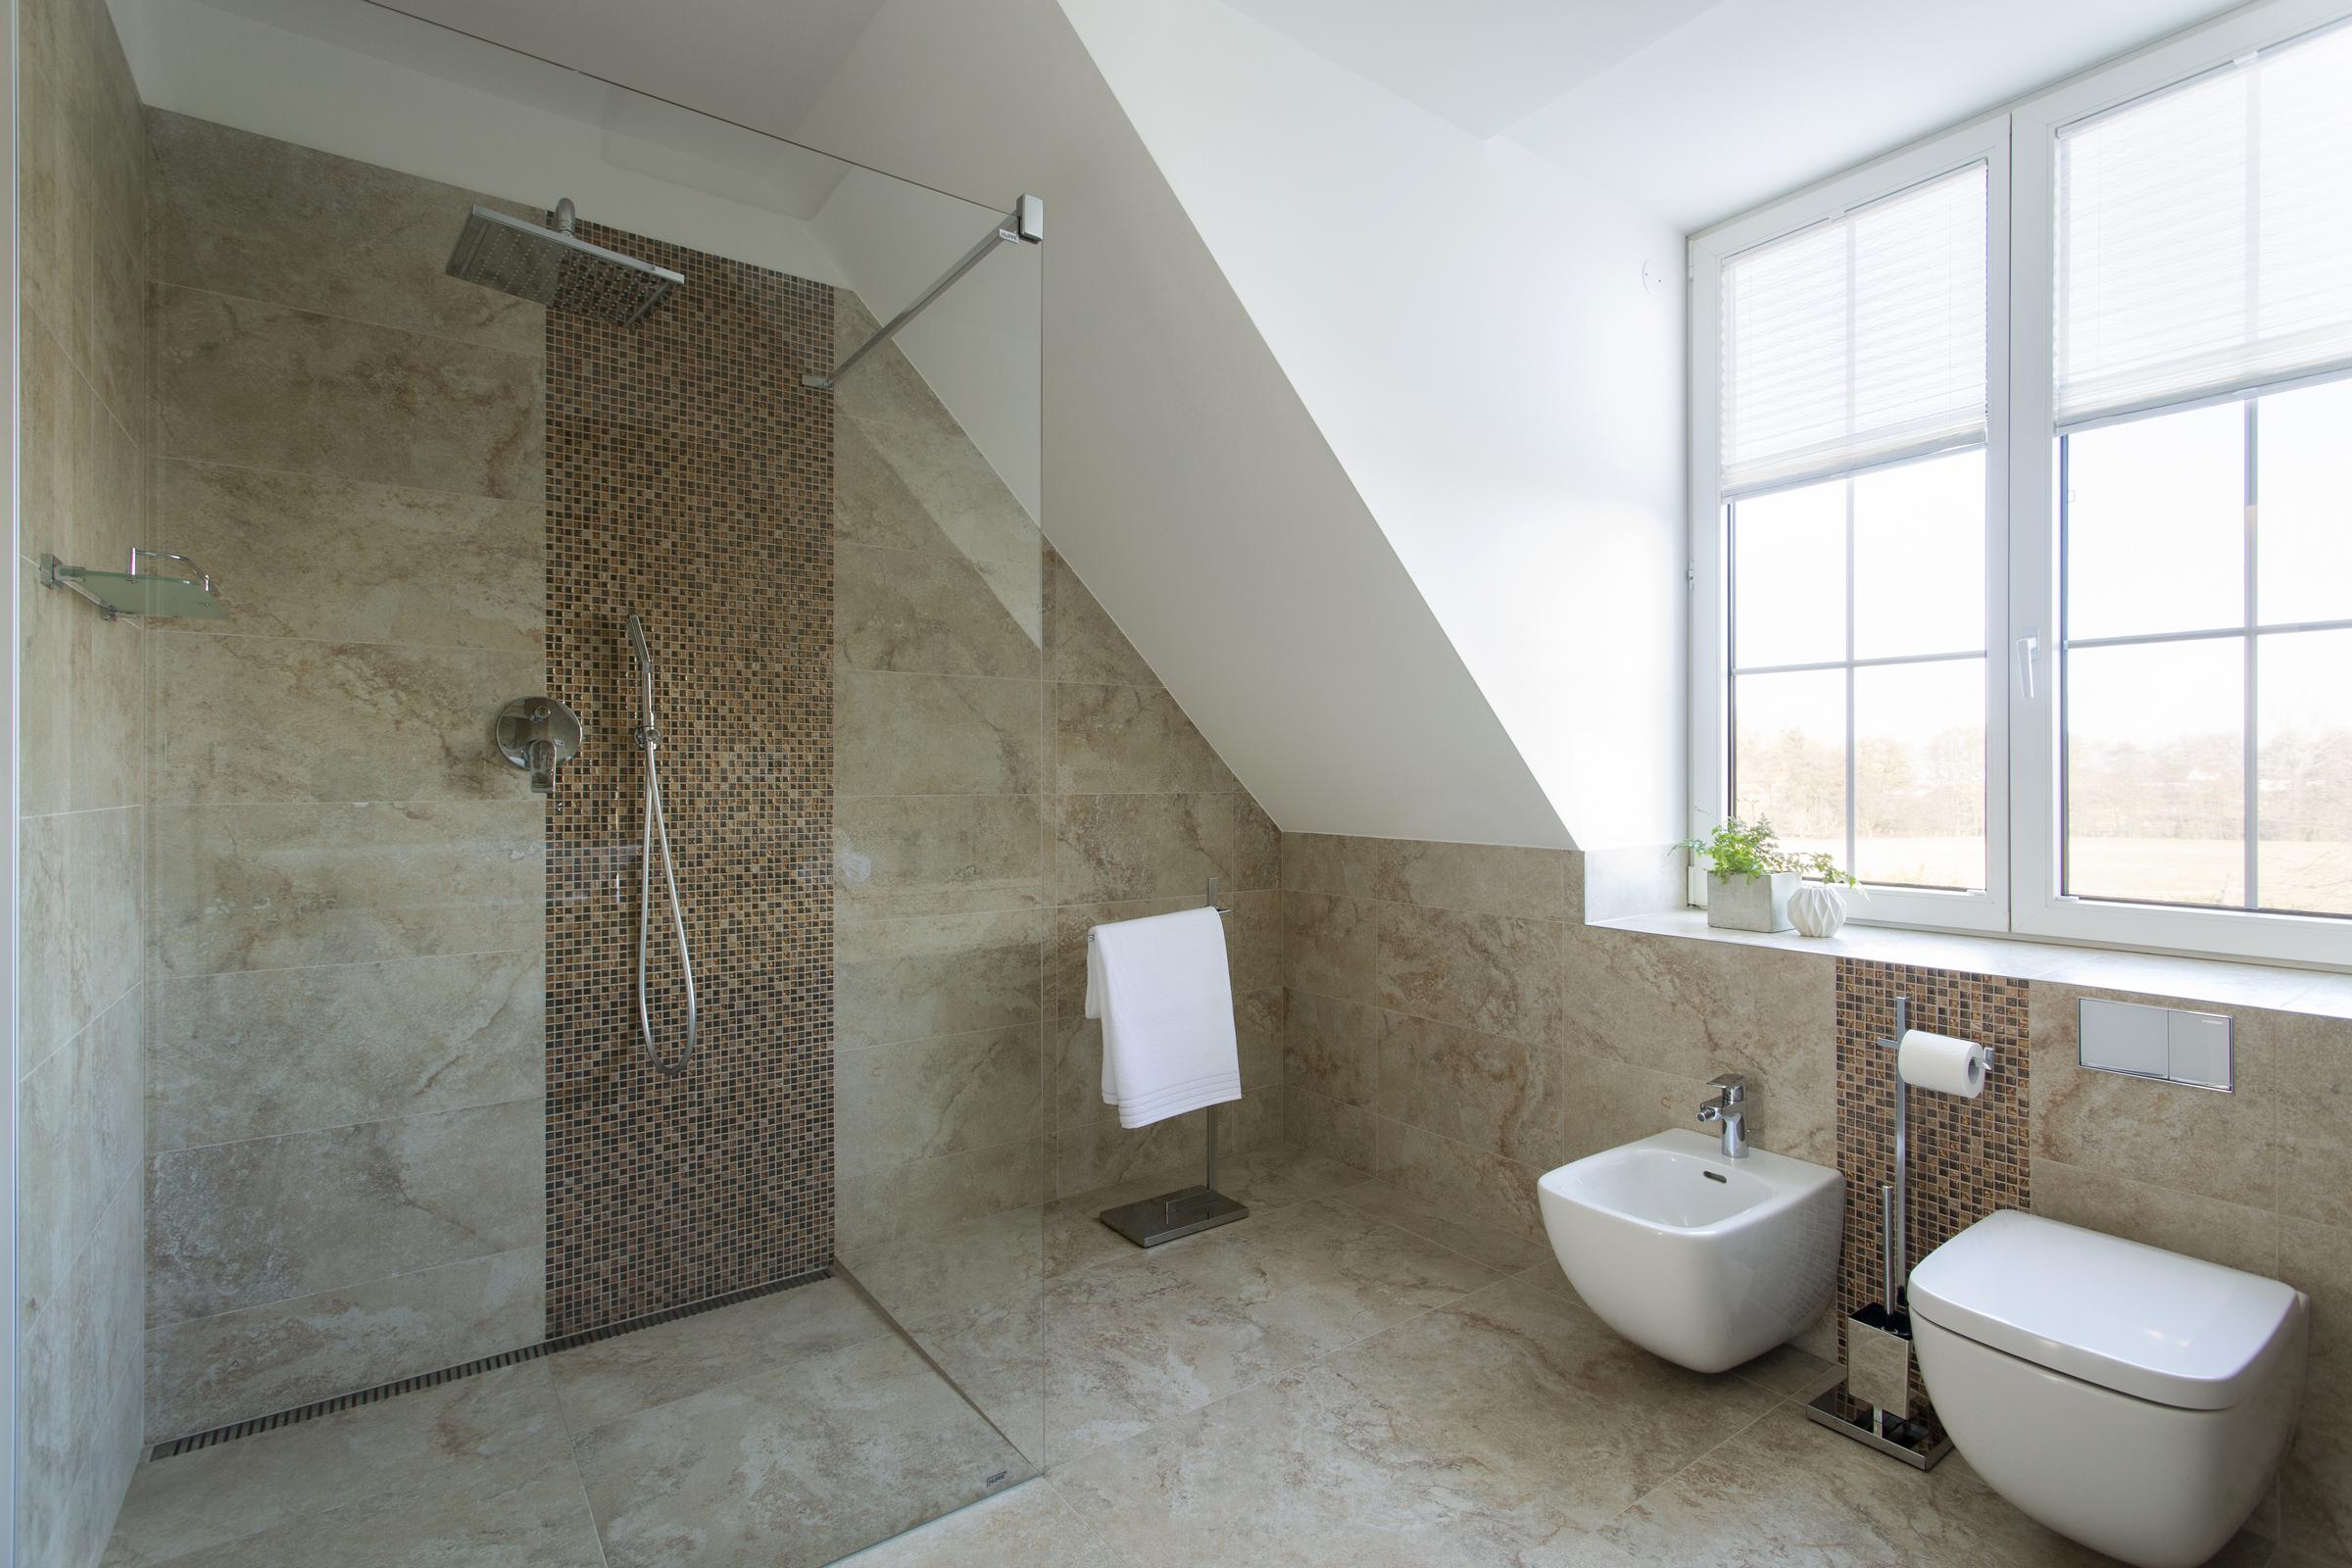 aleulia-Duomo-obklad-a-mozaika-do-koupelny